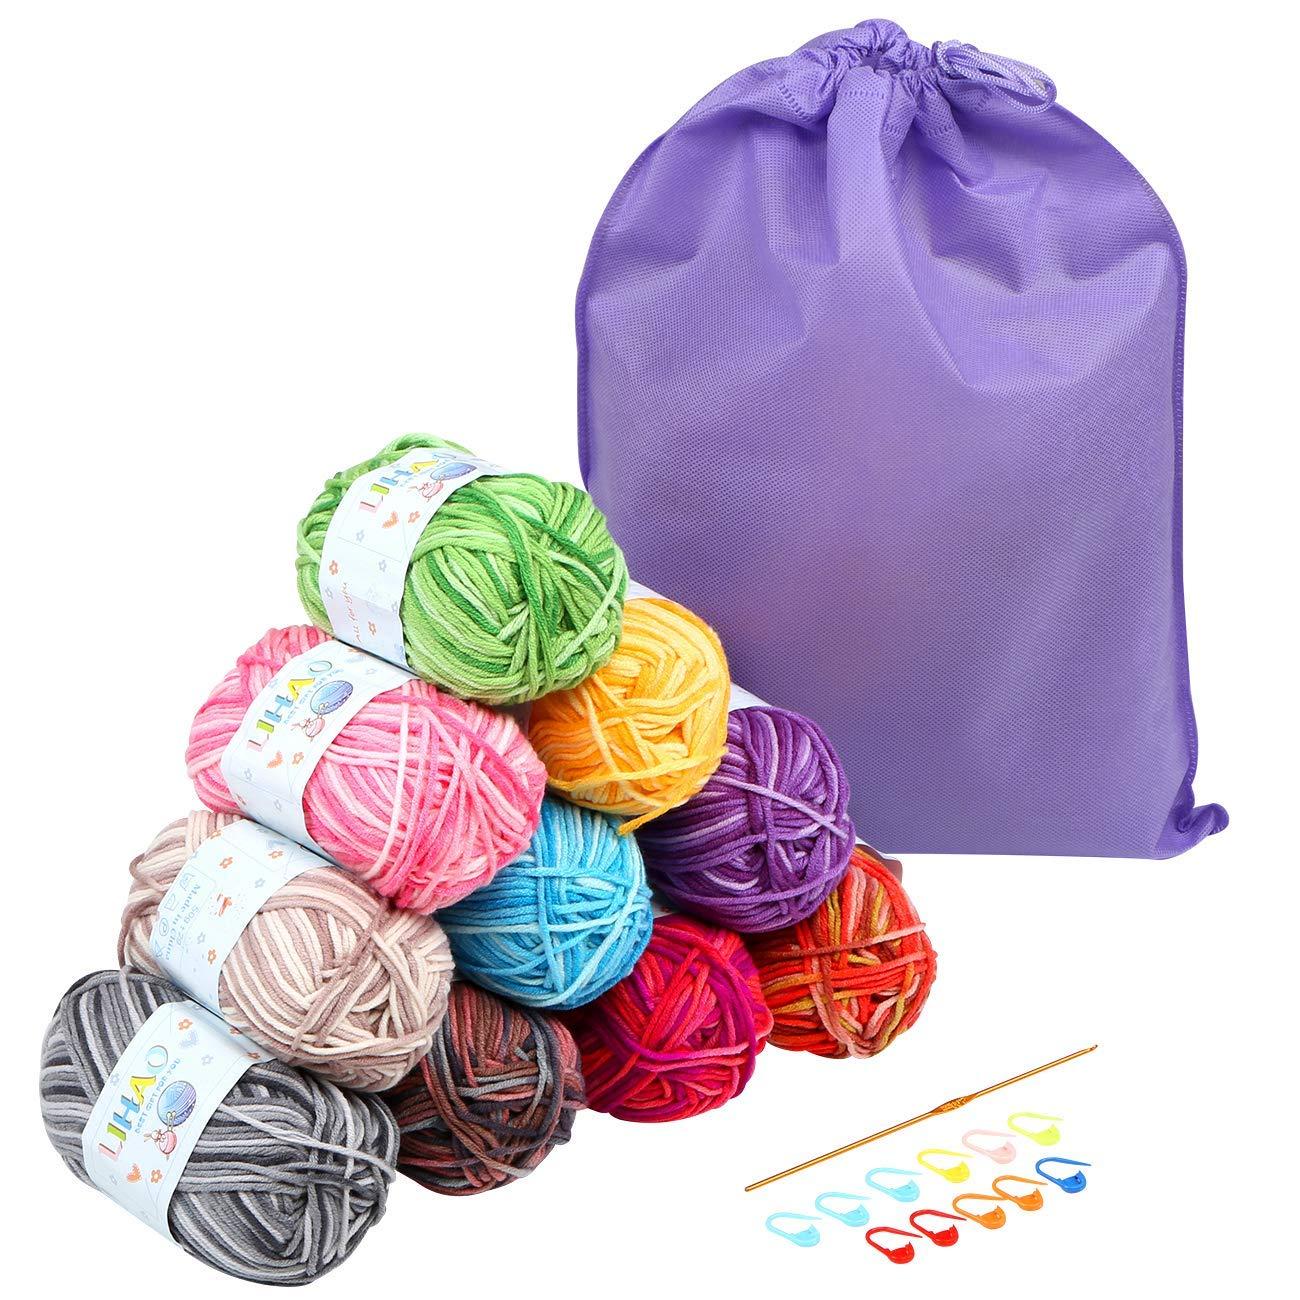 LIHAO 10 x 50G Lanas para Tejer Ovillos de Lana Multicolor Estambre Acr/ílico Algod/ón con Bolsa de Almacenamiento